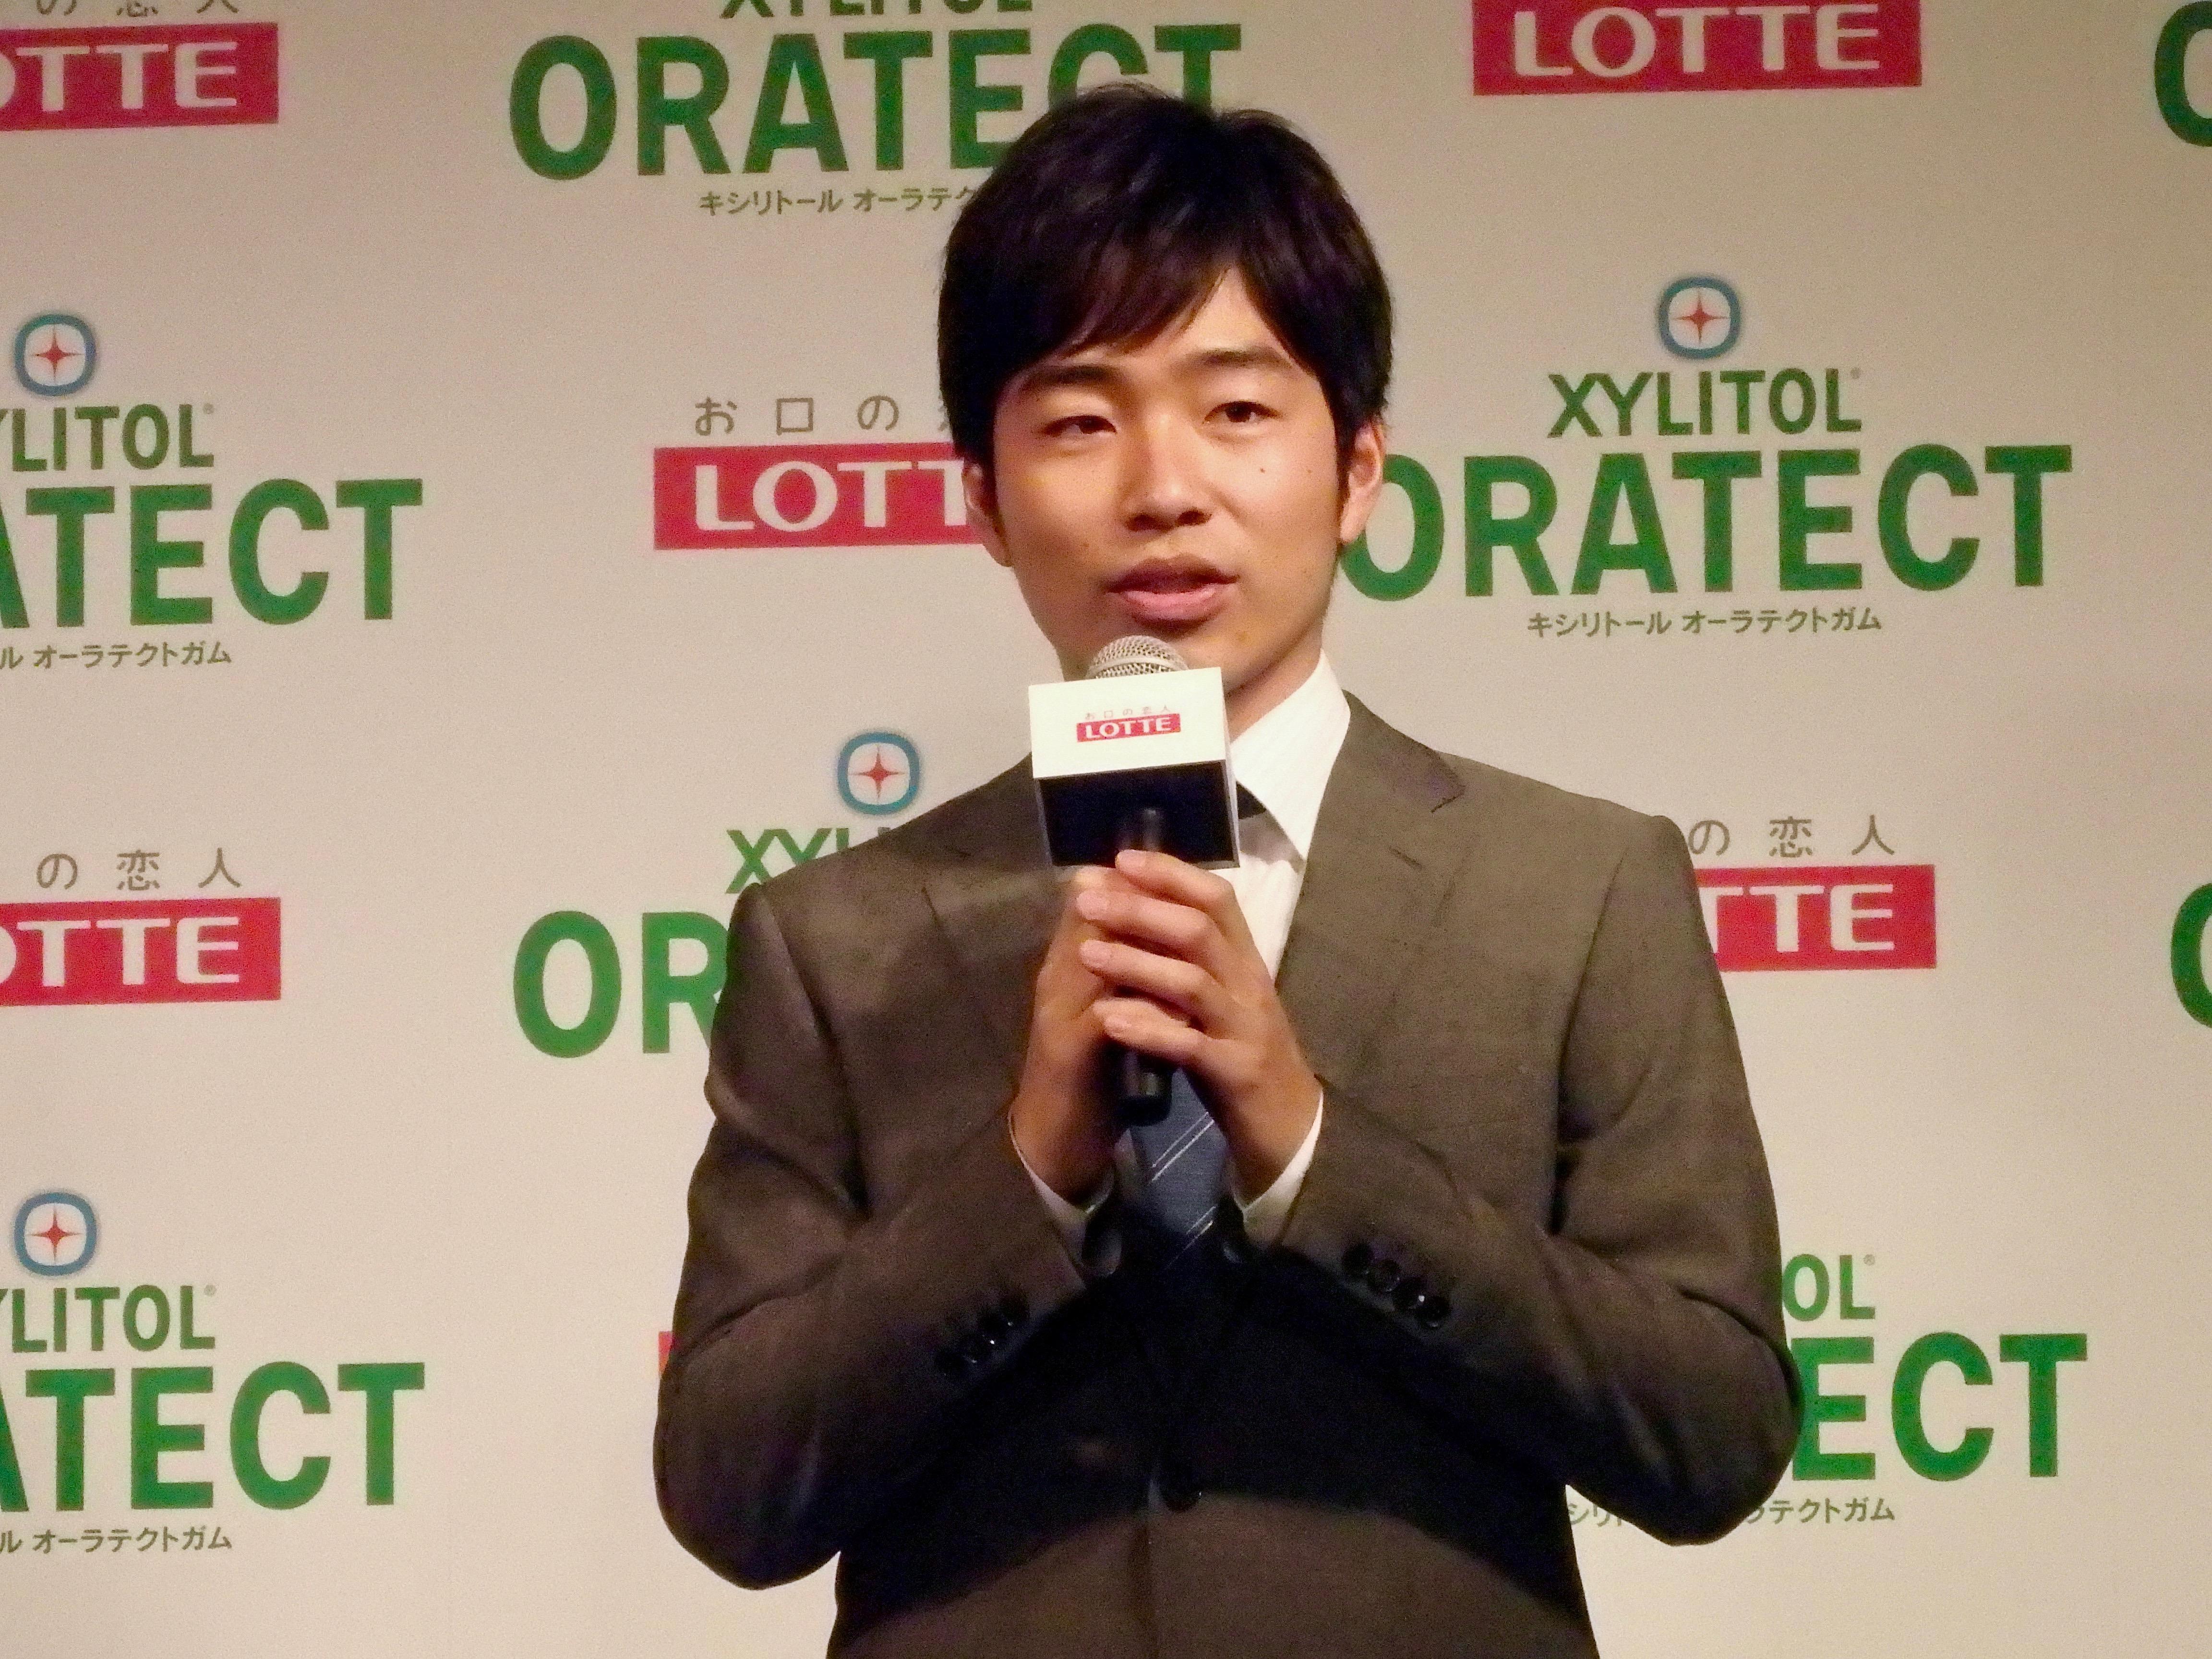 http://news.yoshimoto.co.jp/20170314202728-493c4cdf3c30d53e65318b40e5b075565feeade8.jpg